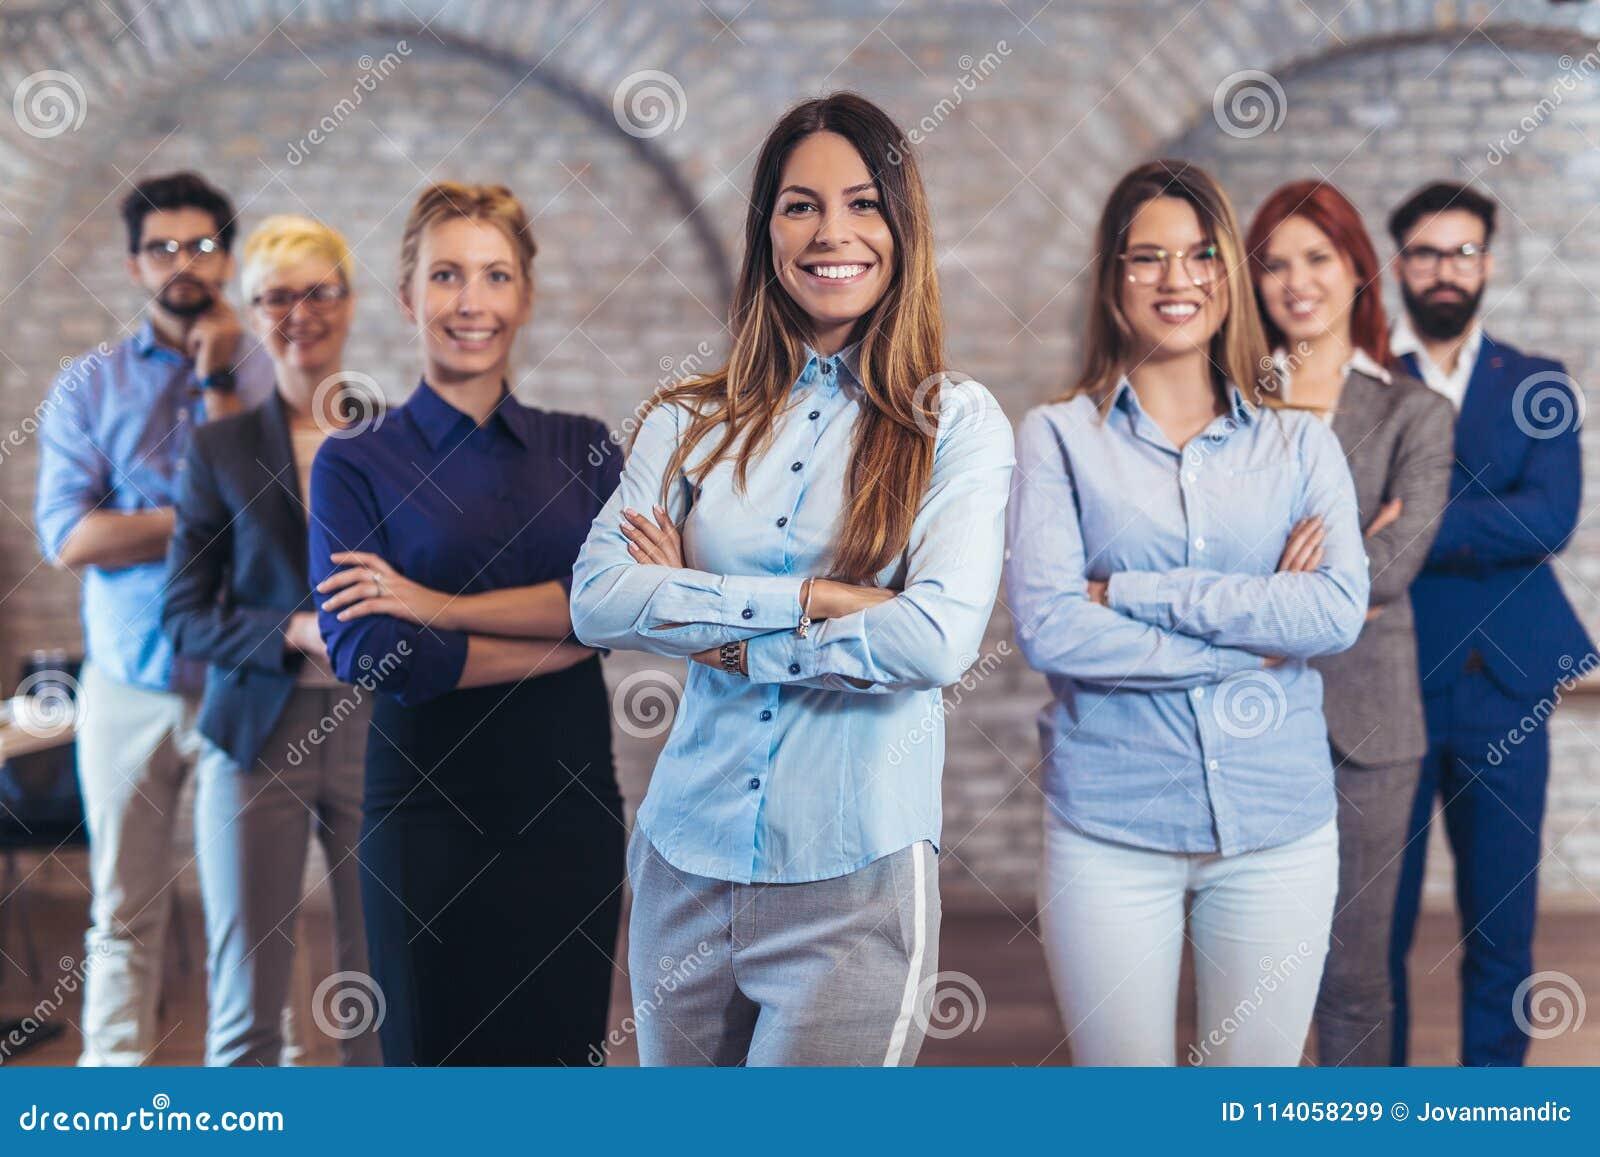 Grupp av lyckligt affärsfolk och företagspersonalen i modernt kontor